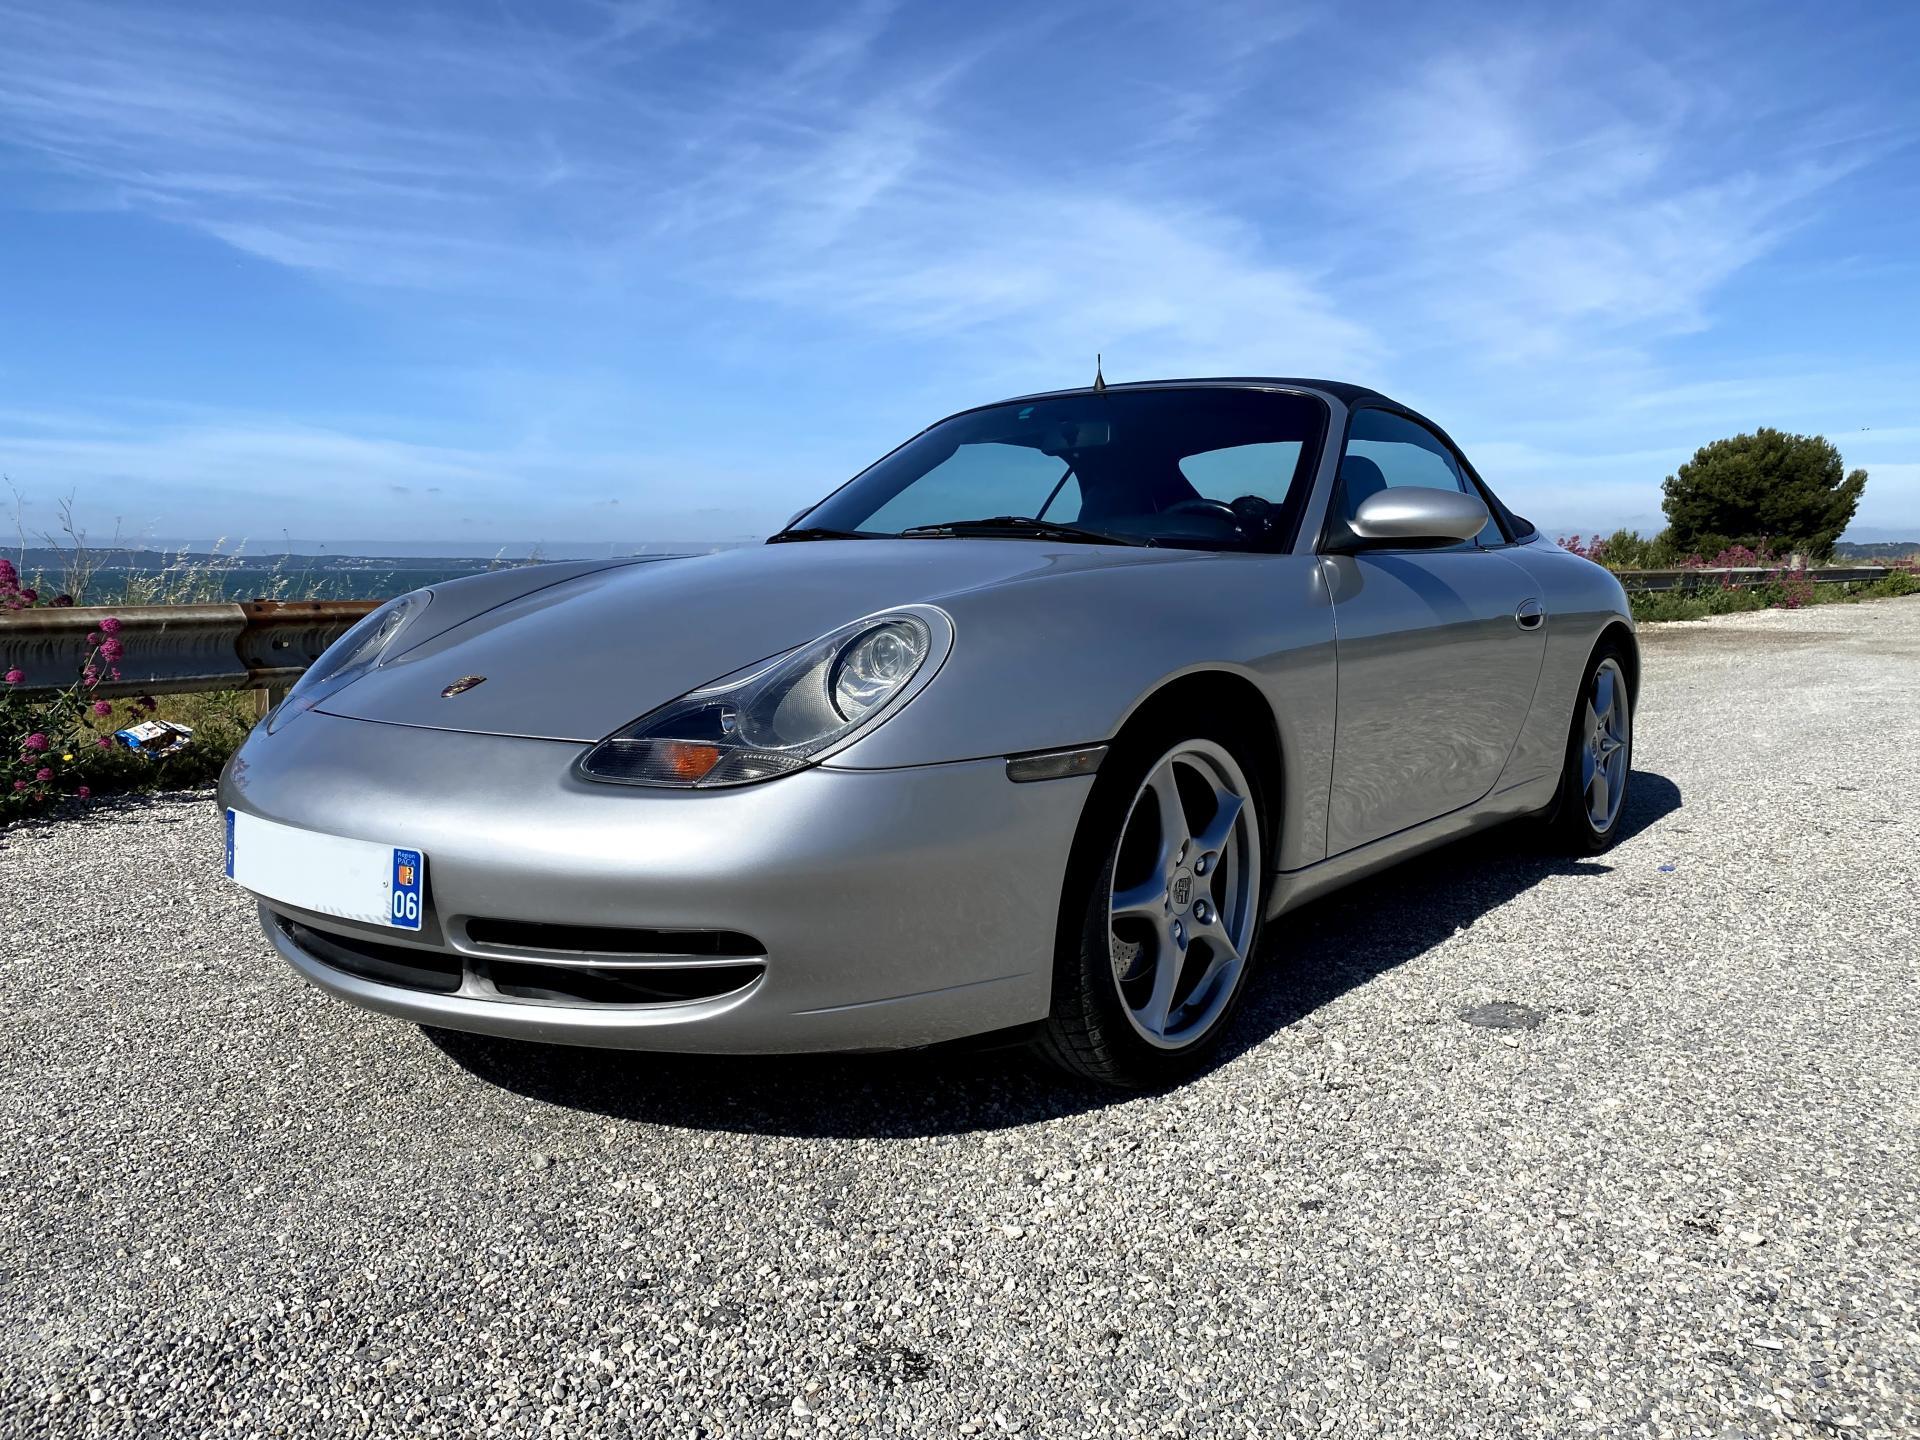 Porsche 996 3.4 Carrera Cab (Porsche 996)